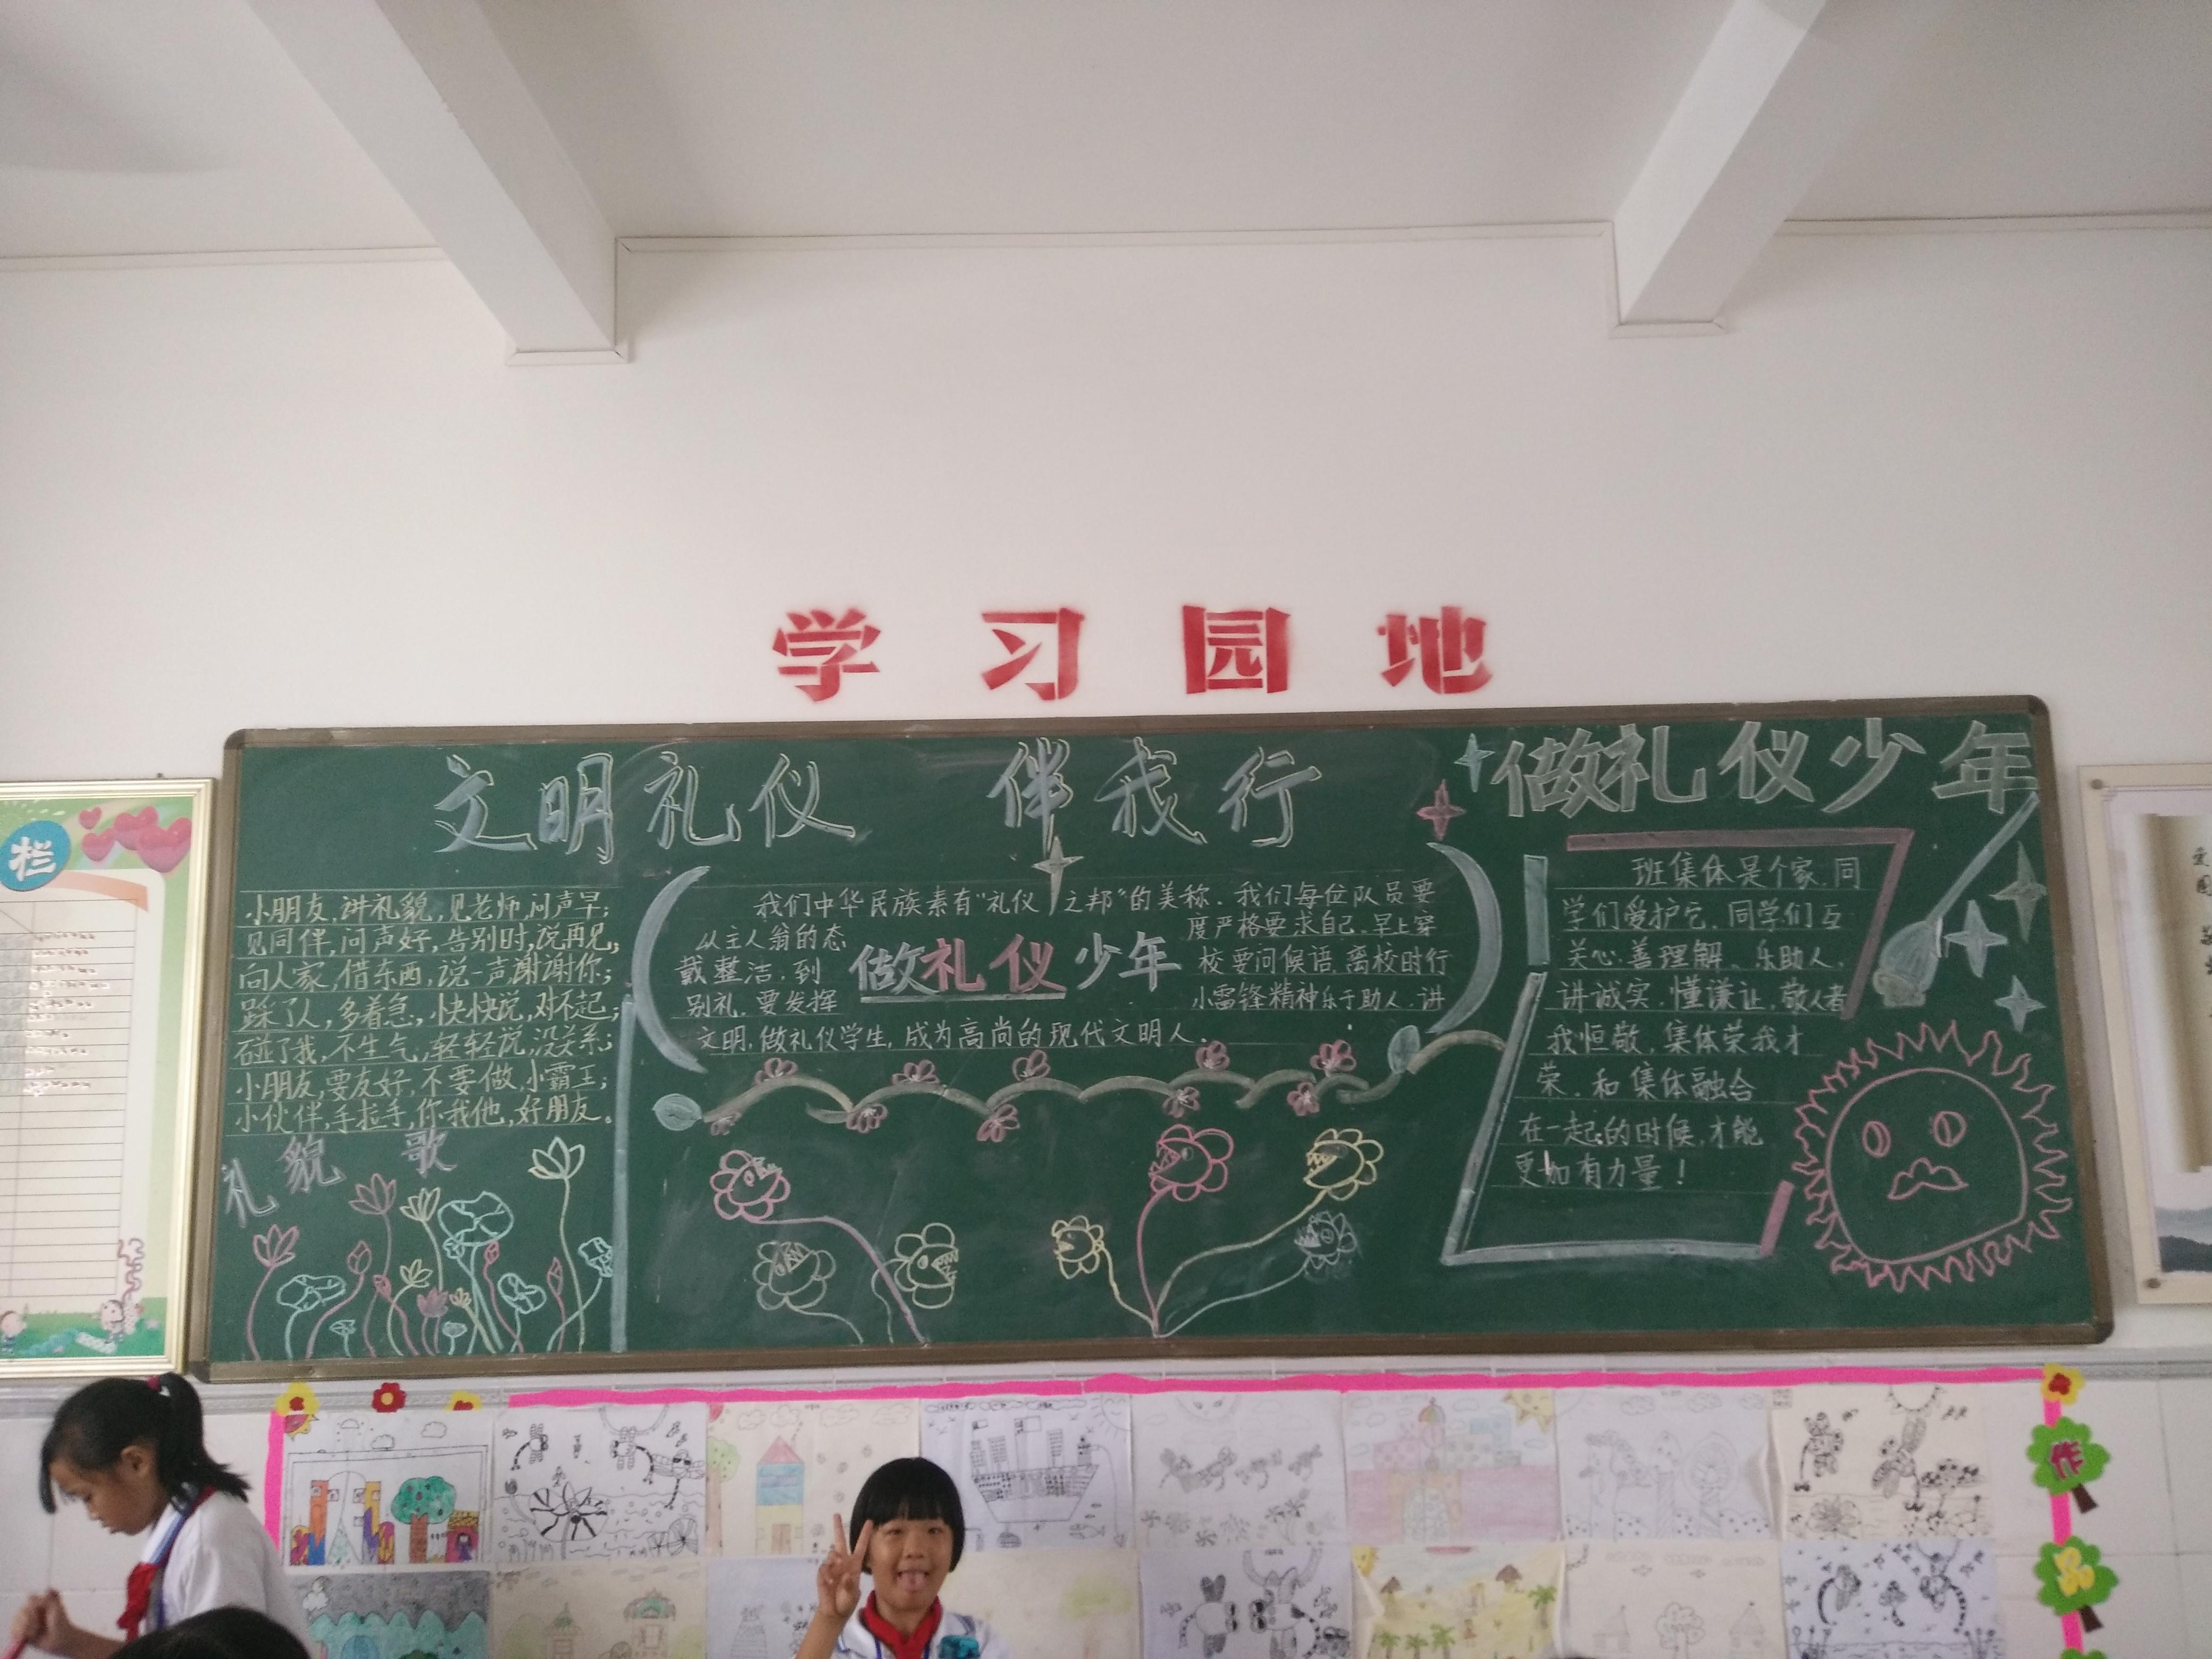 小学班级文明礼仪_中小学黑板尺寸-小学教室黑板尺寸/标准黑板尺寸/教室黑板尺寸 ...